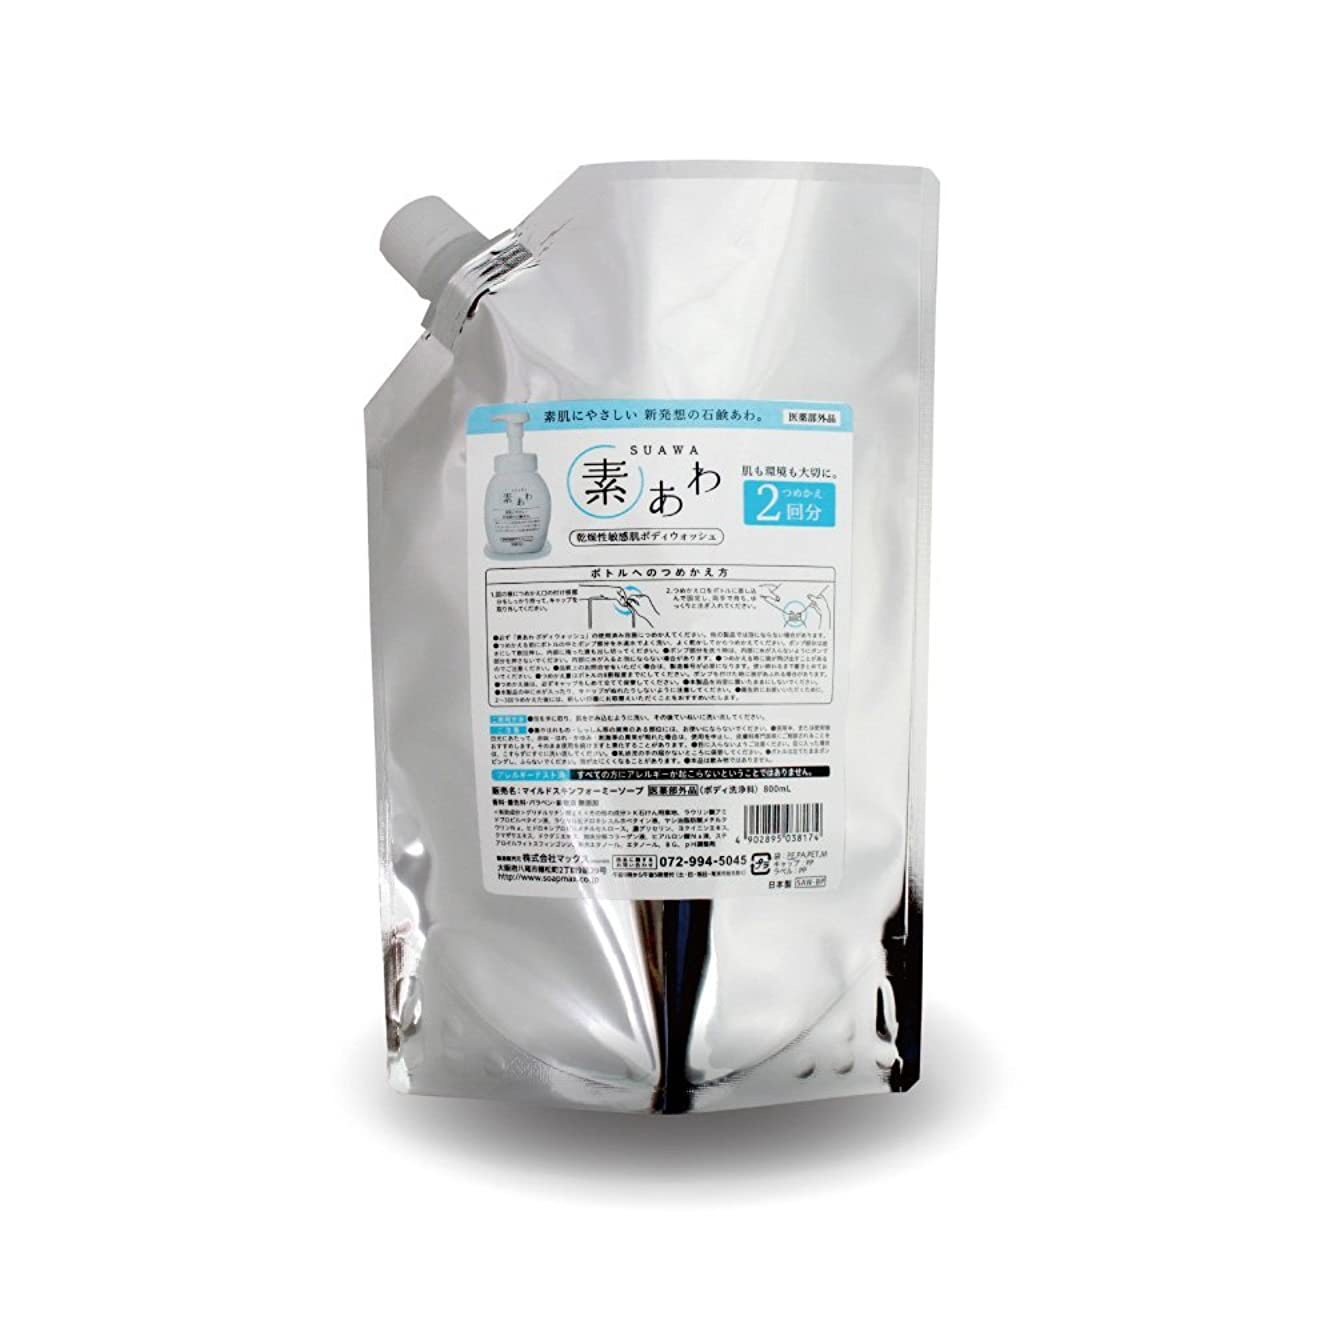 鎮静剤フォームあさり薬用 素あわ 泡タイプ ボディソープ 詰替2回分パウチ 800mL 乾 燥 肌 ? 敏 感 肌 に